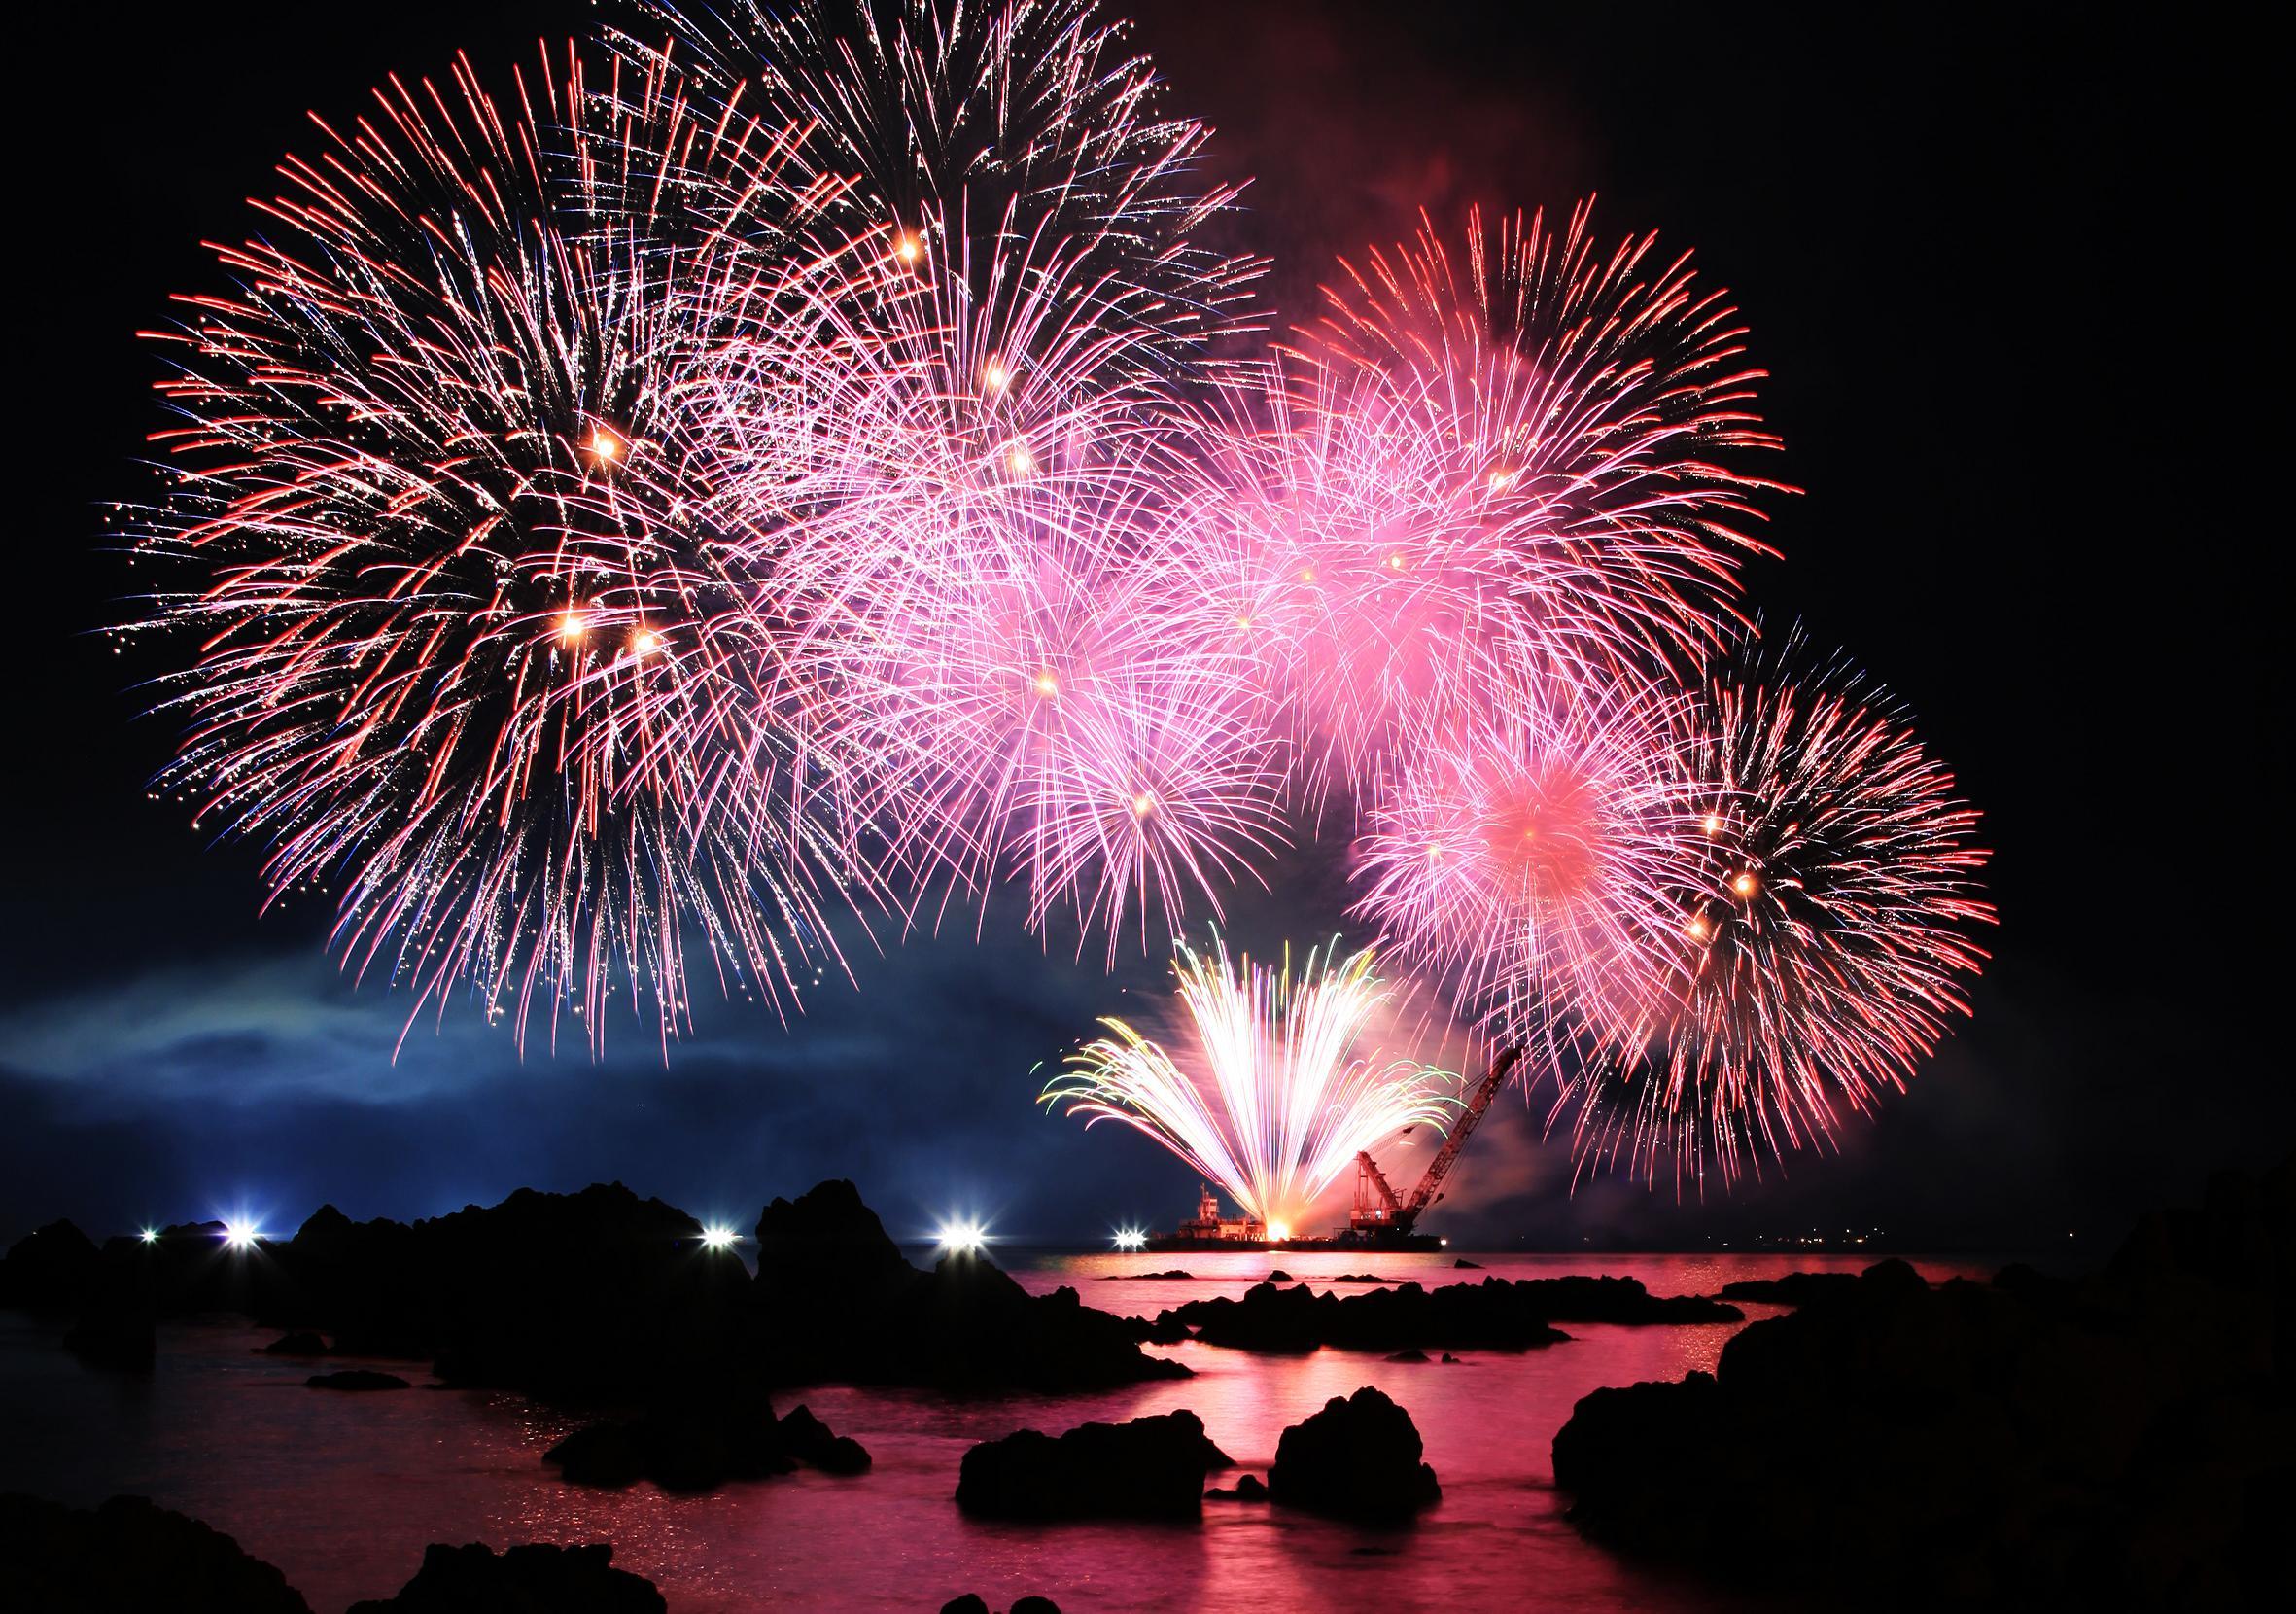 越前夏祭り 7月16日開催 海と日本project In ふくい